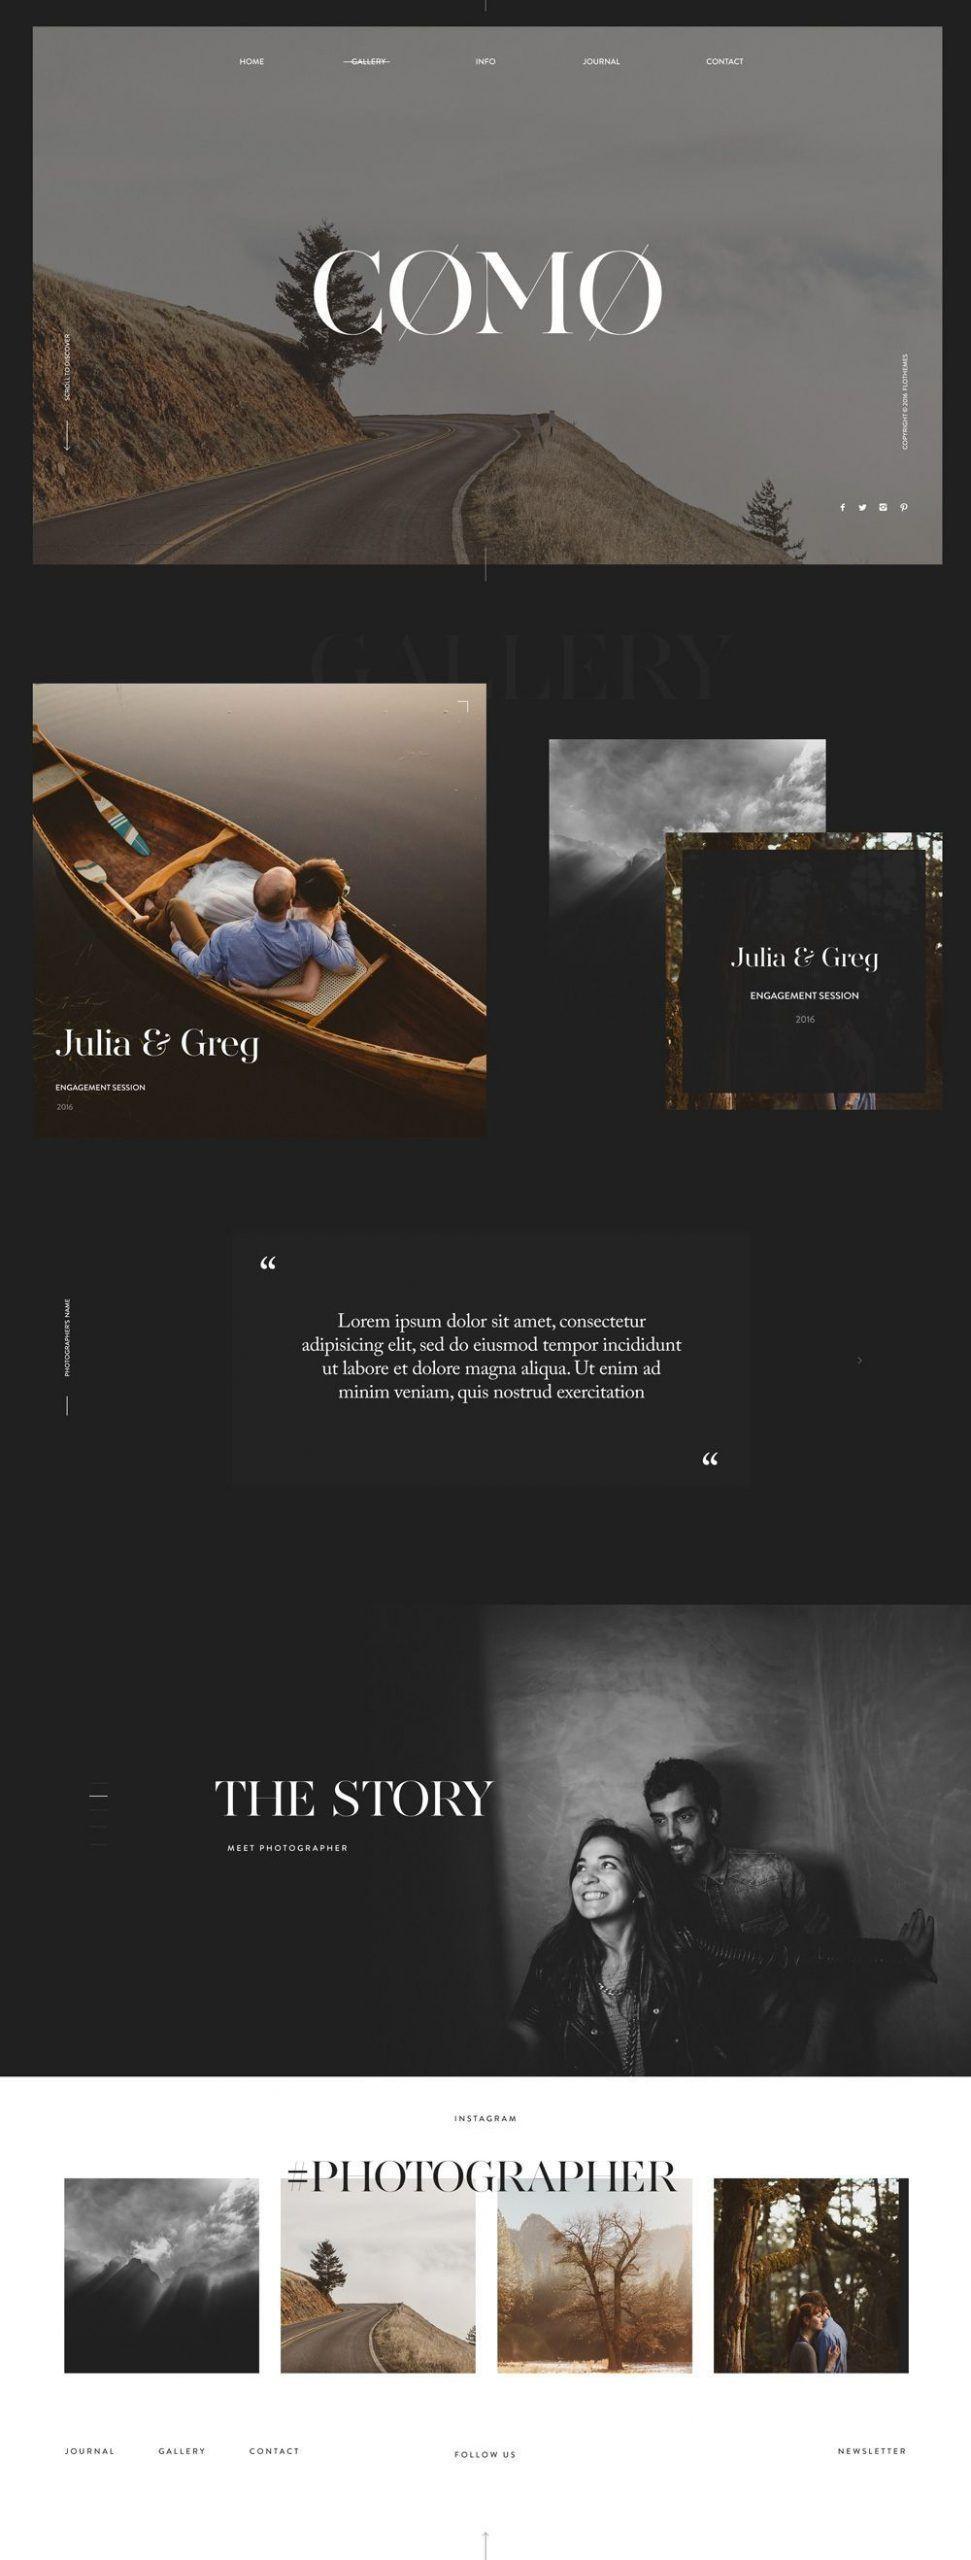 Anpassbare Fotografie Website Vorlagen 2020 In 2020 Photography Website Templates Wordpress Website Design Website Design Layout